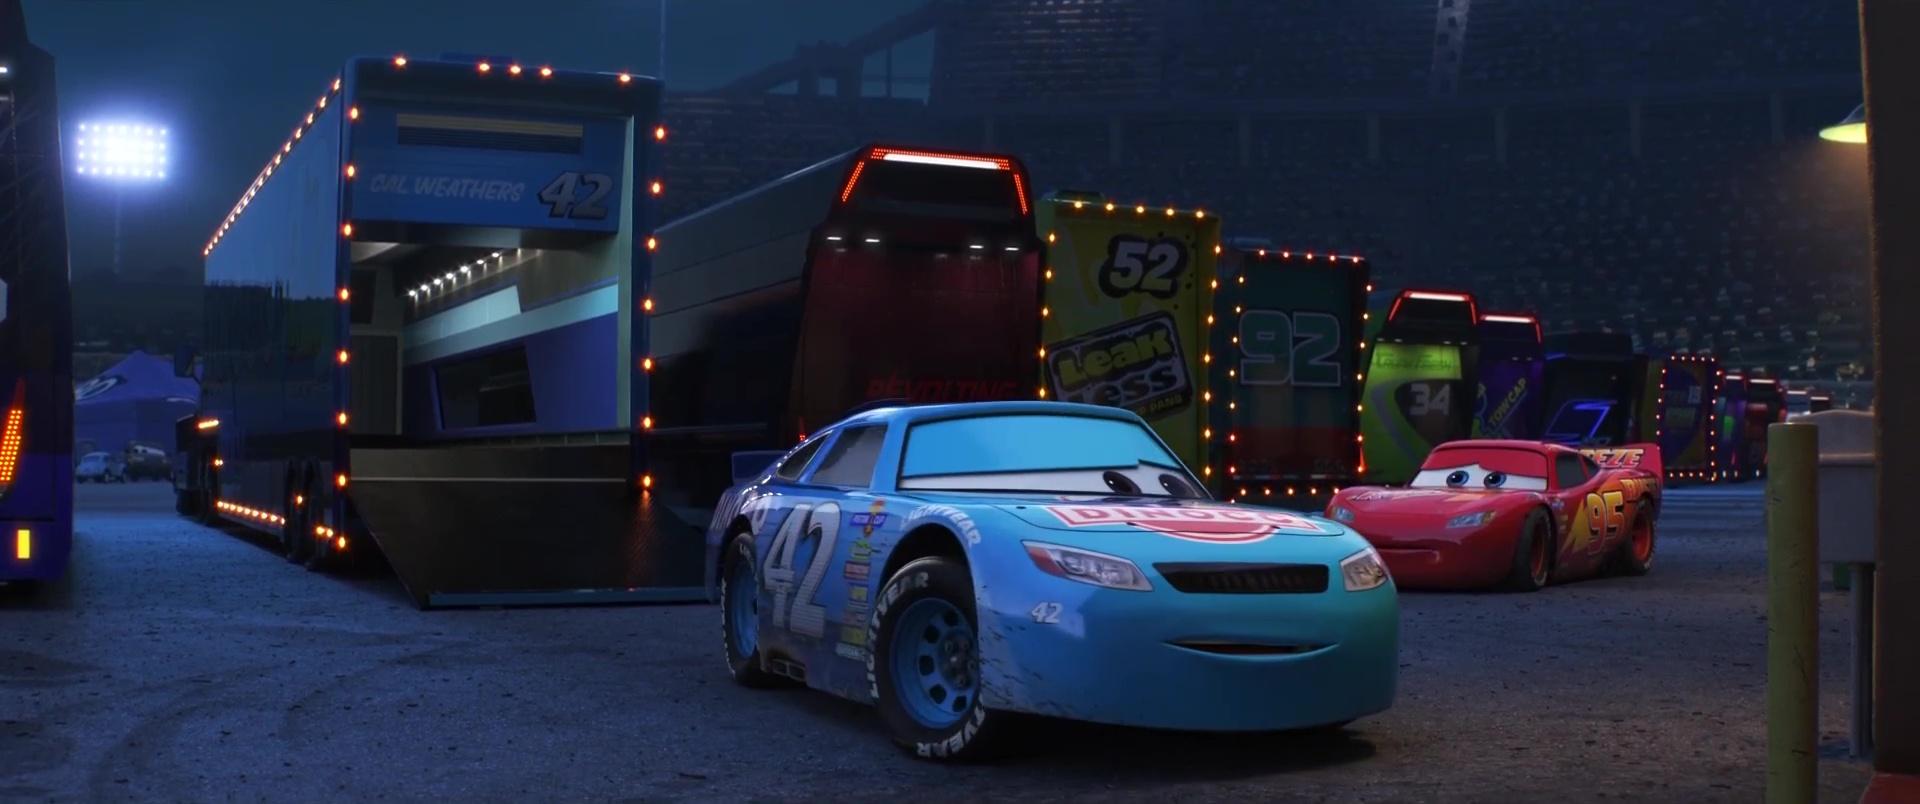 cal weathers personnage dans cars 3 pixar planet fr. Black Bedroom Furniture Sets. Home Design Ideas